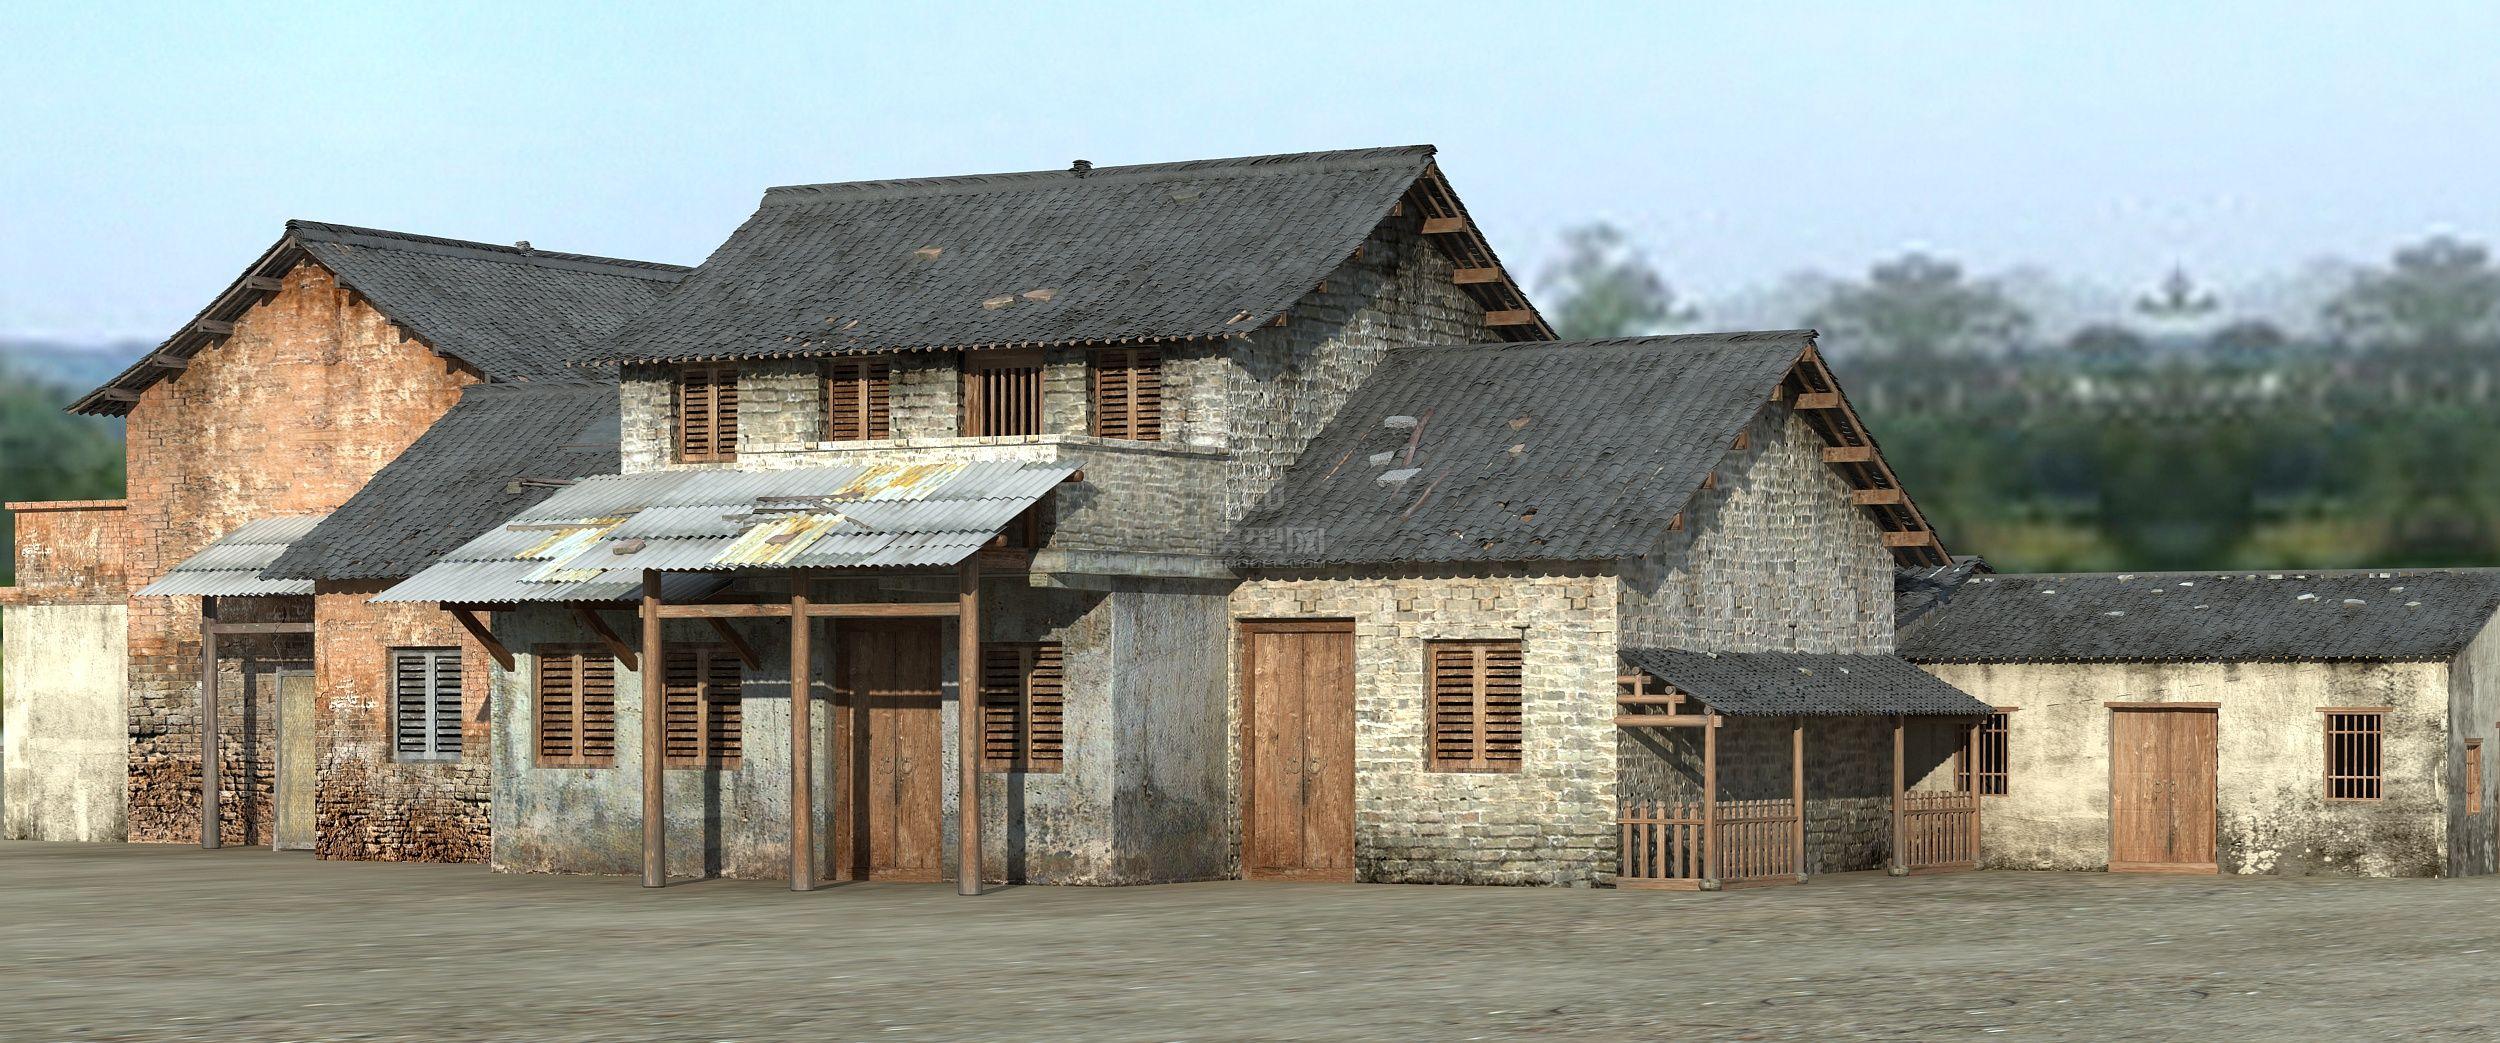 房子-民房-破舊房子-磚瓦-農村-村莊-部落-村寨-瓦